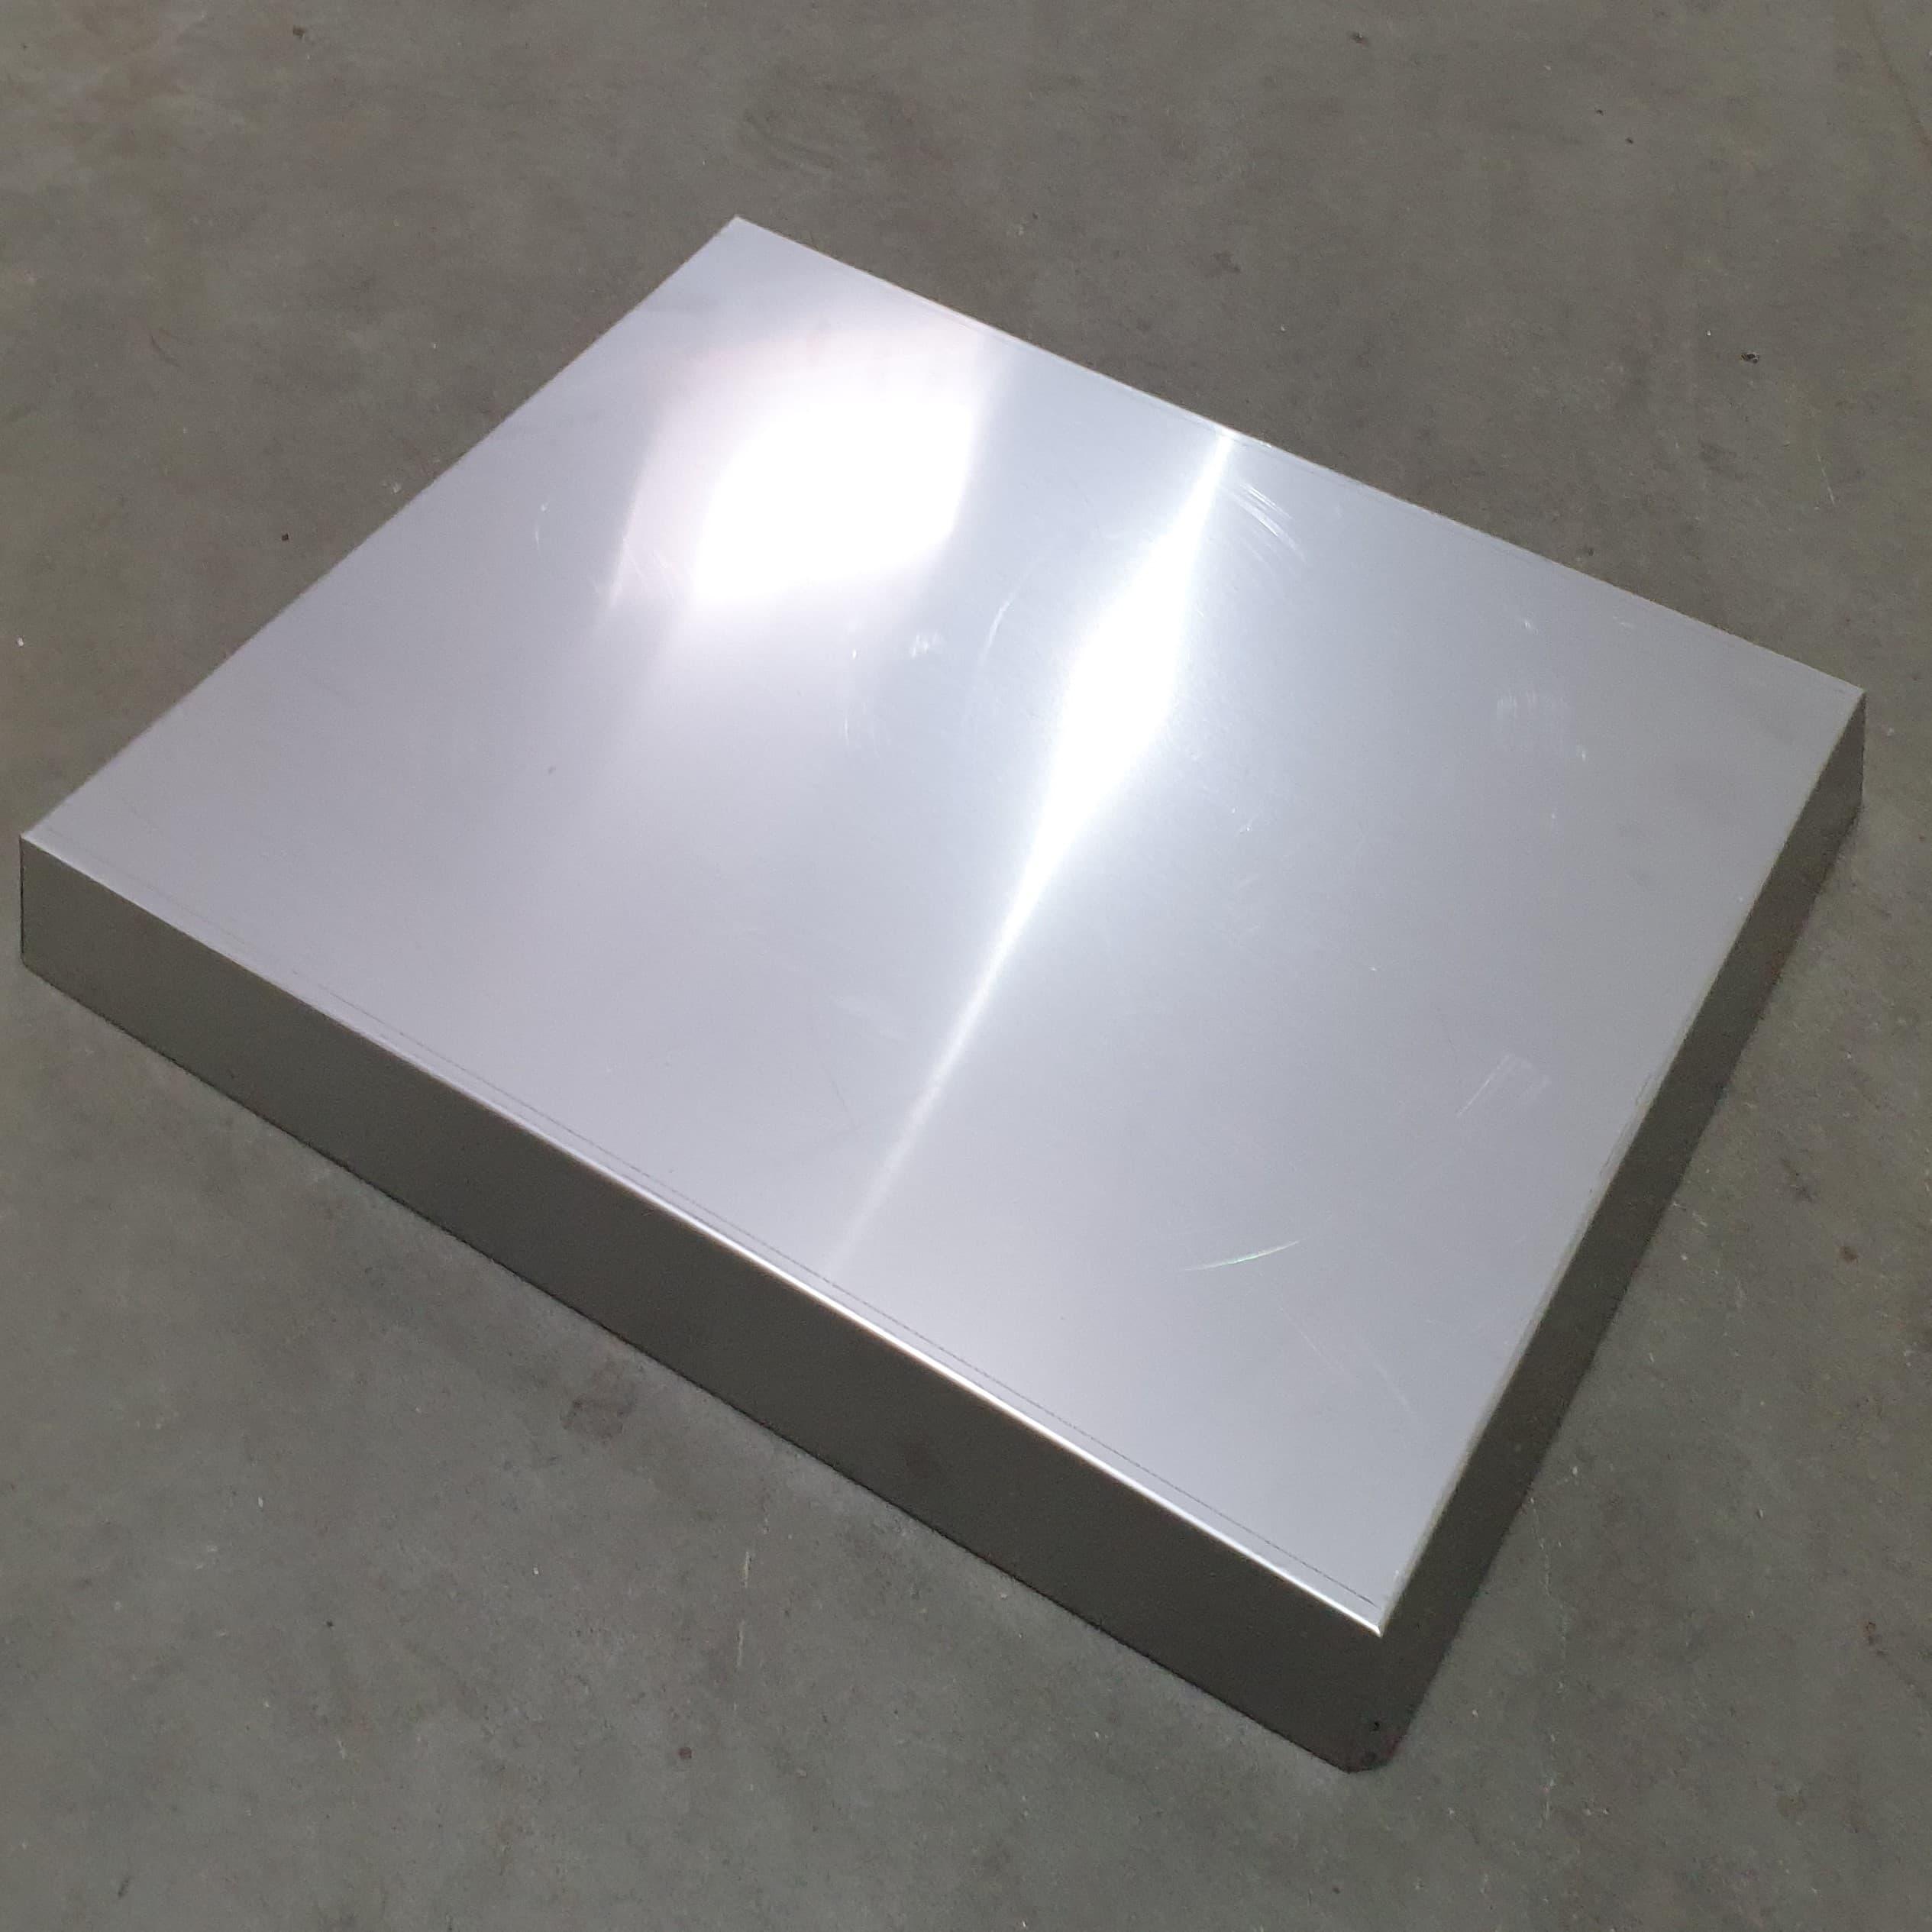 Blechdeckel Edelstahl konisch Innenmaß 425 x 525 x 65 mm für Liebigbeute Zander, Beste Qualität 0,6 mm dick, Made in Germany!